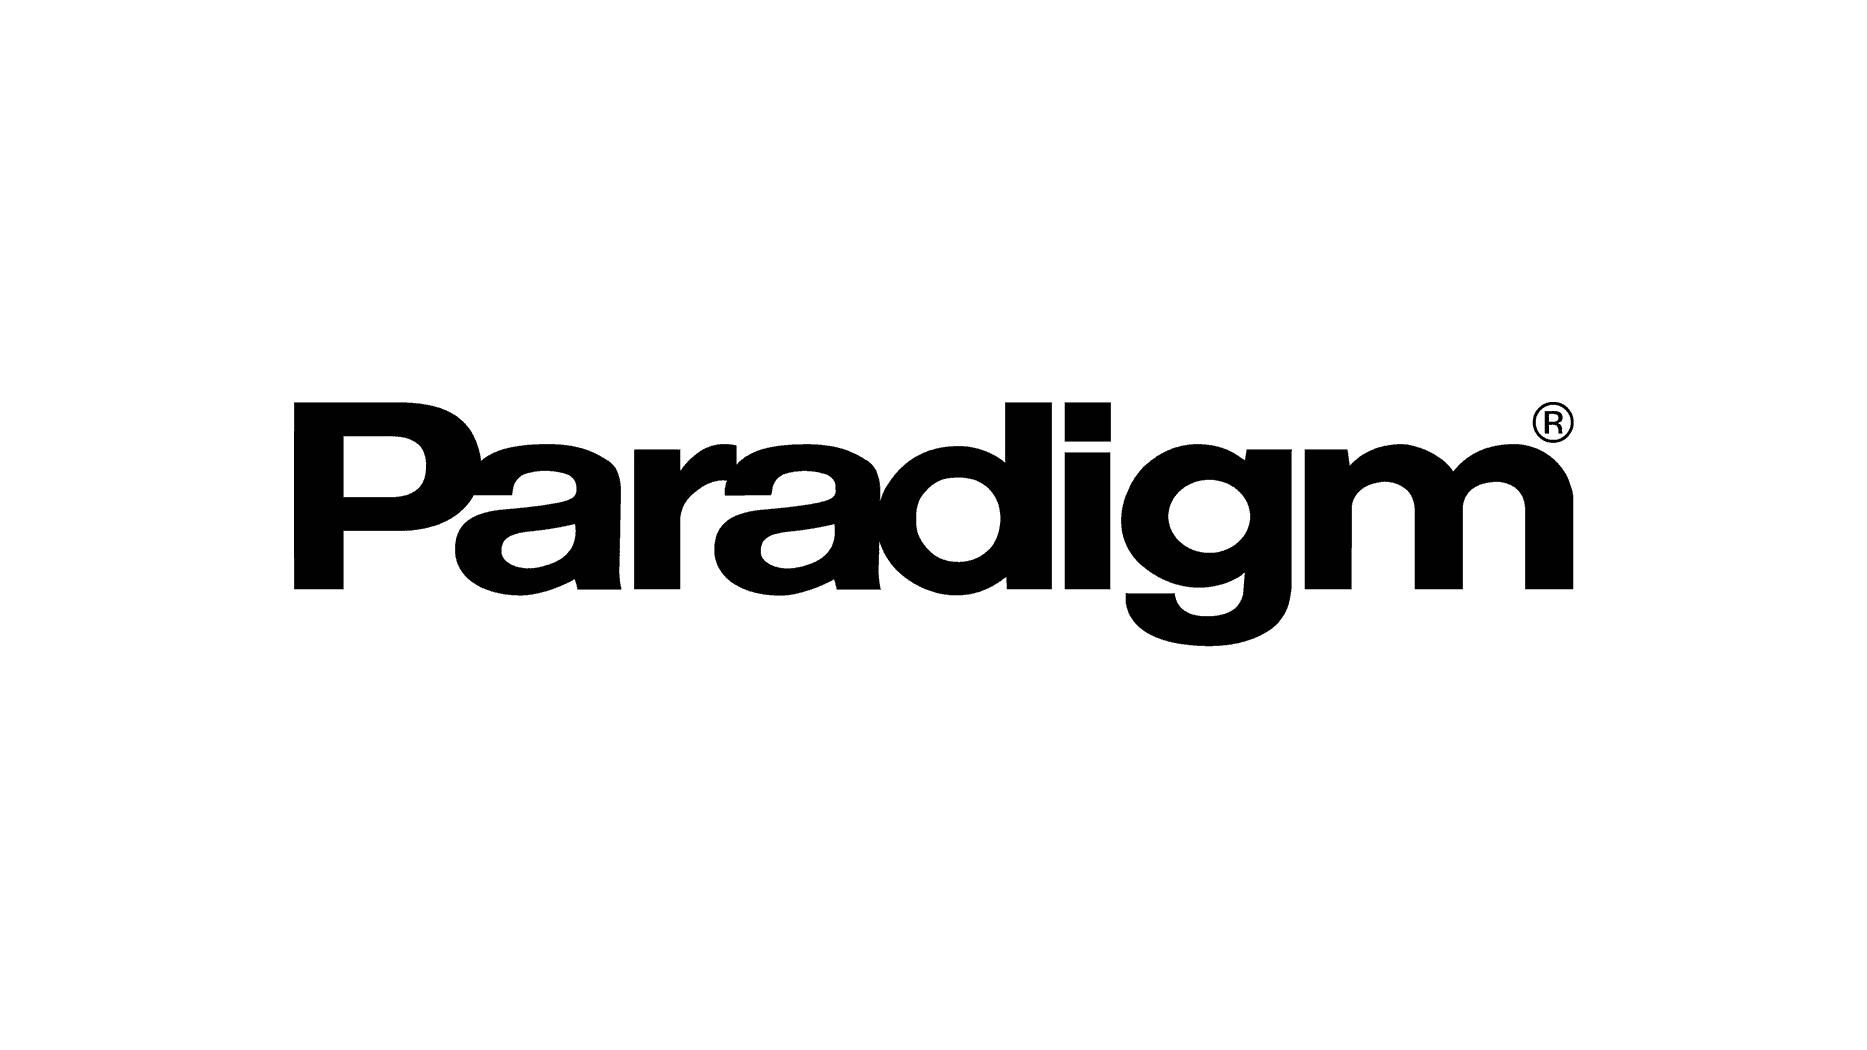 paradigm_43.png